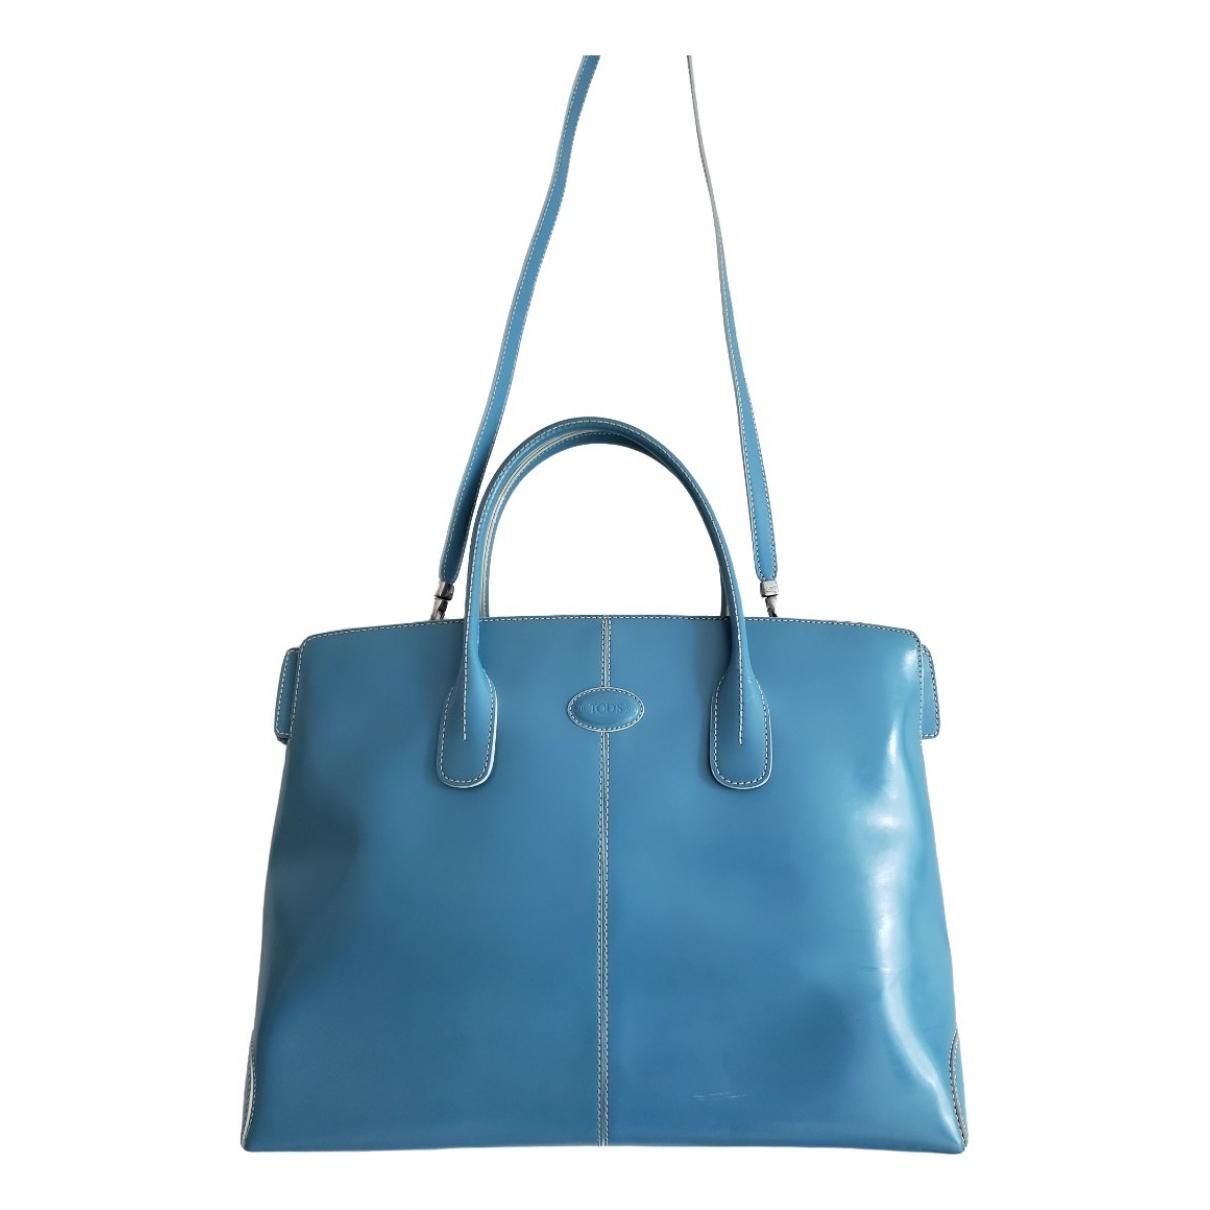 Tods - Sac a main   pour femme en cuir verni - bleu